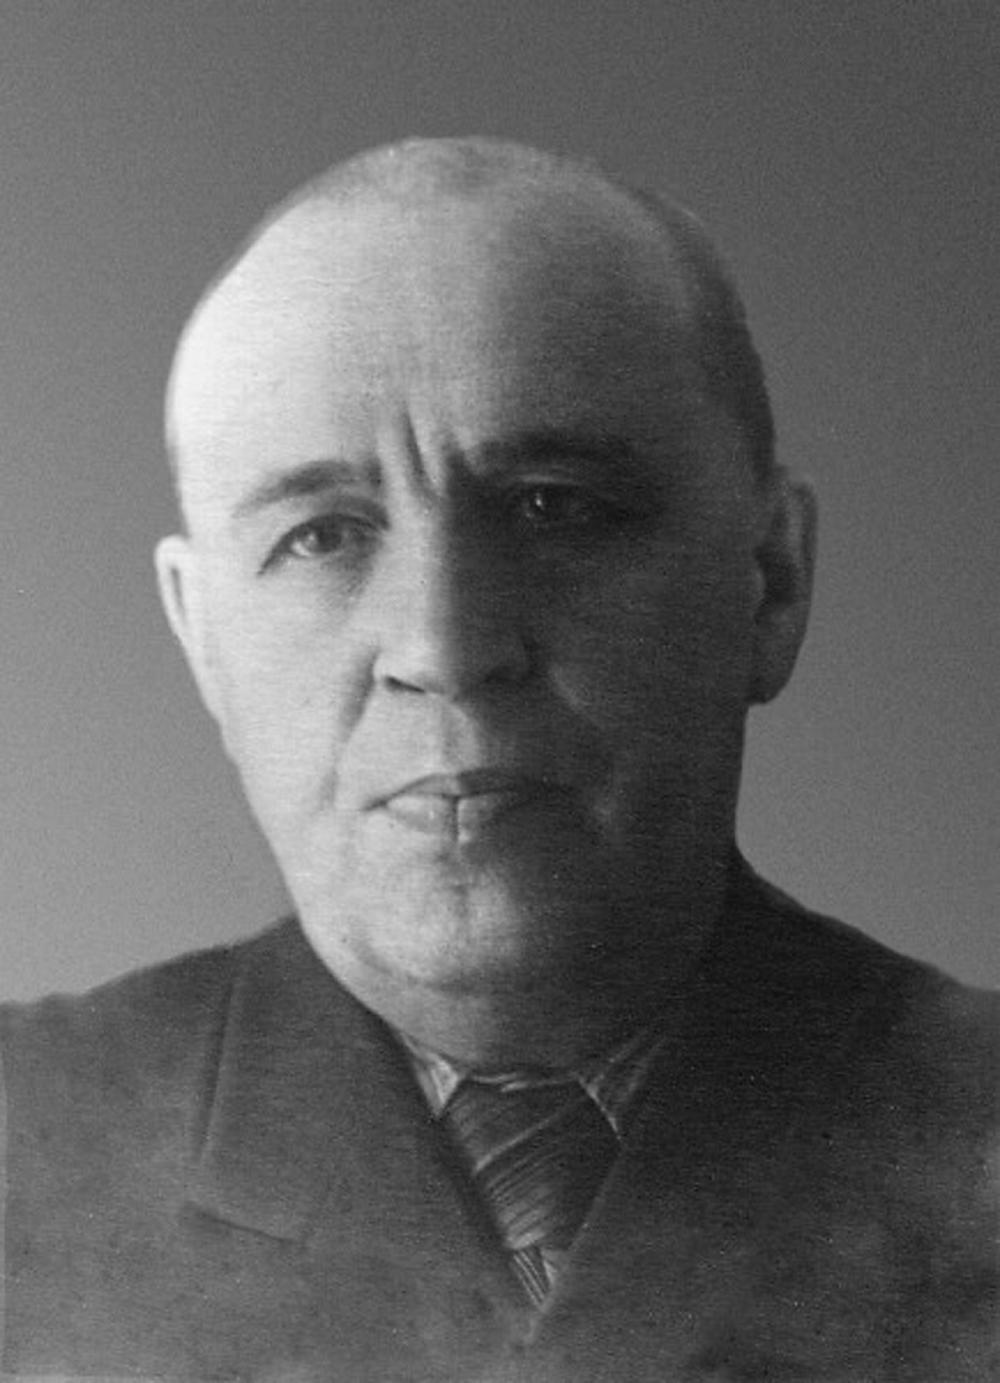 Der deutsch-sowjetische Sprachwissenschaftler Andrei Dulson. Foto: Archivbild